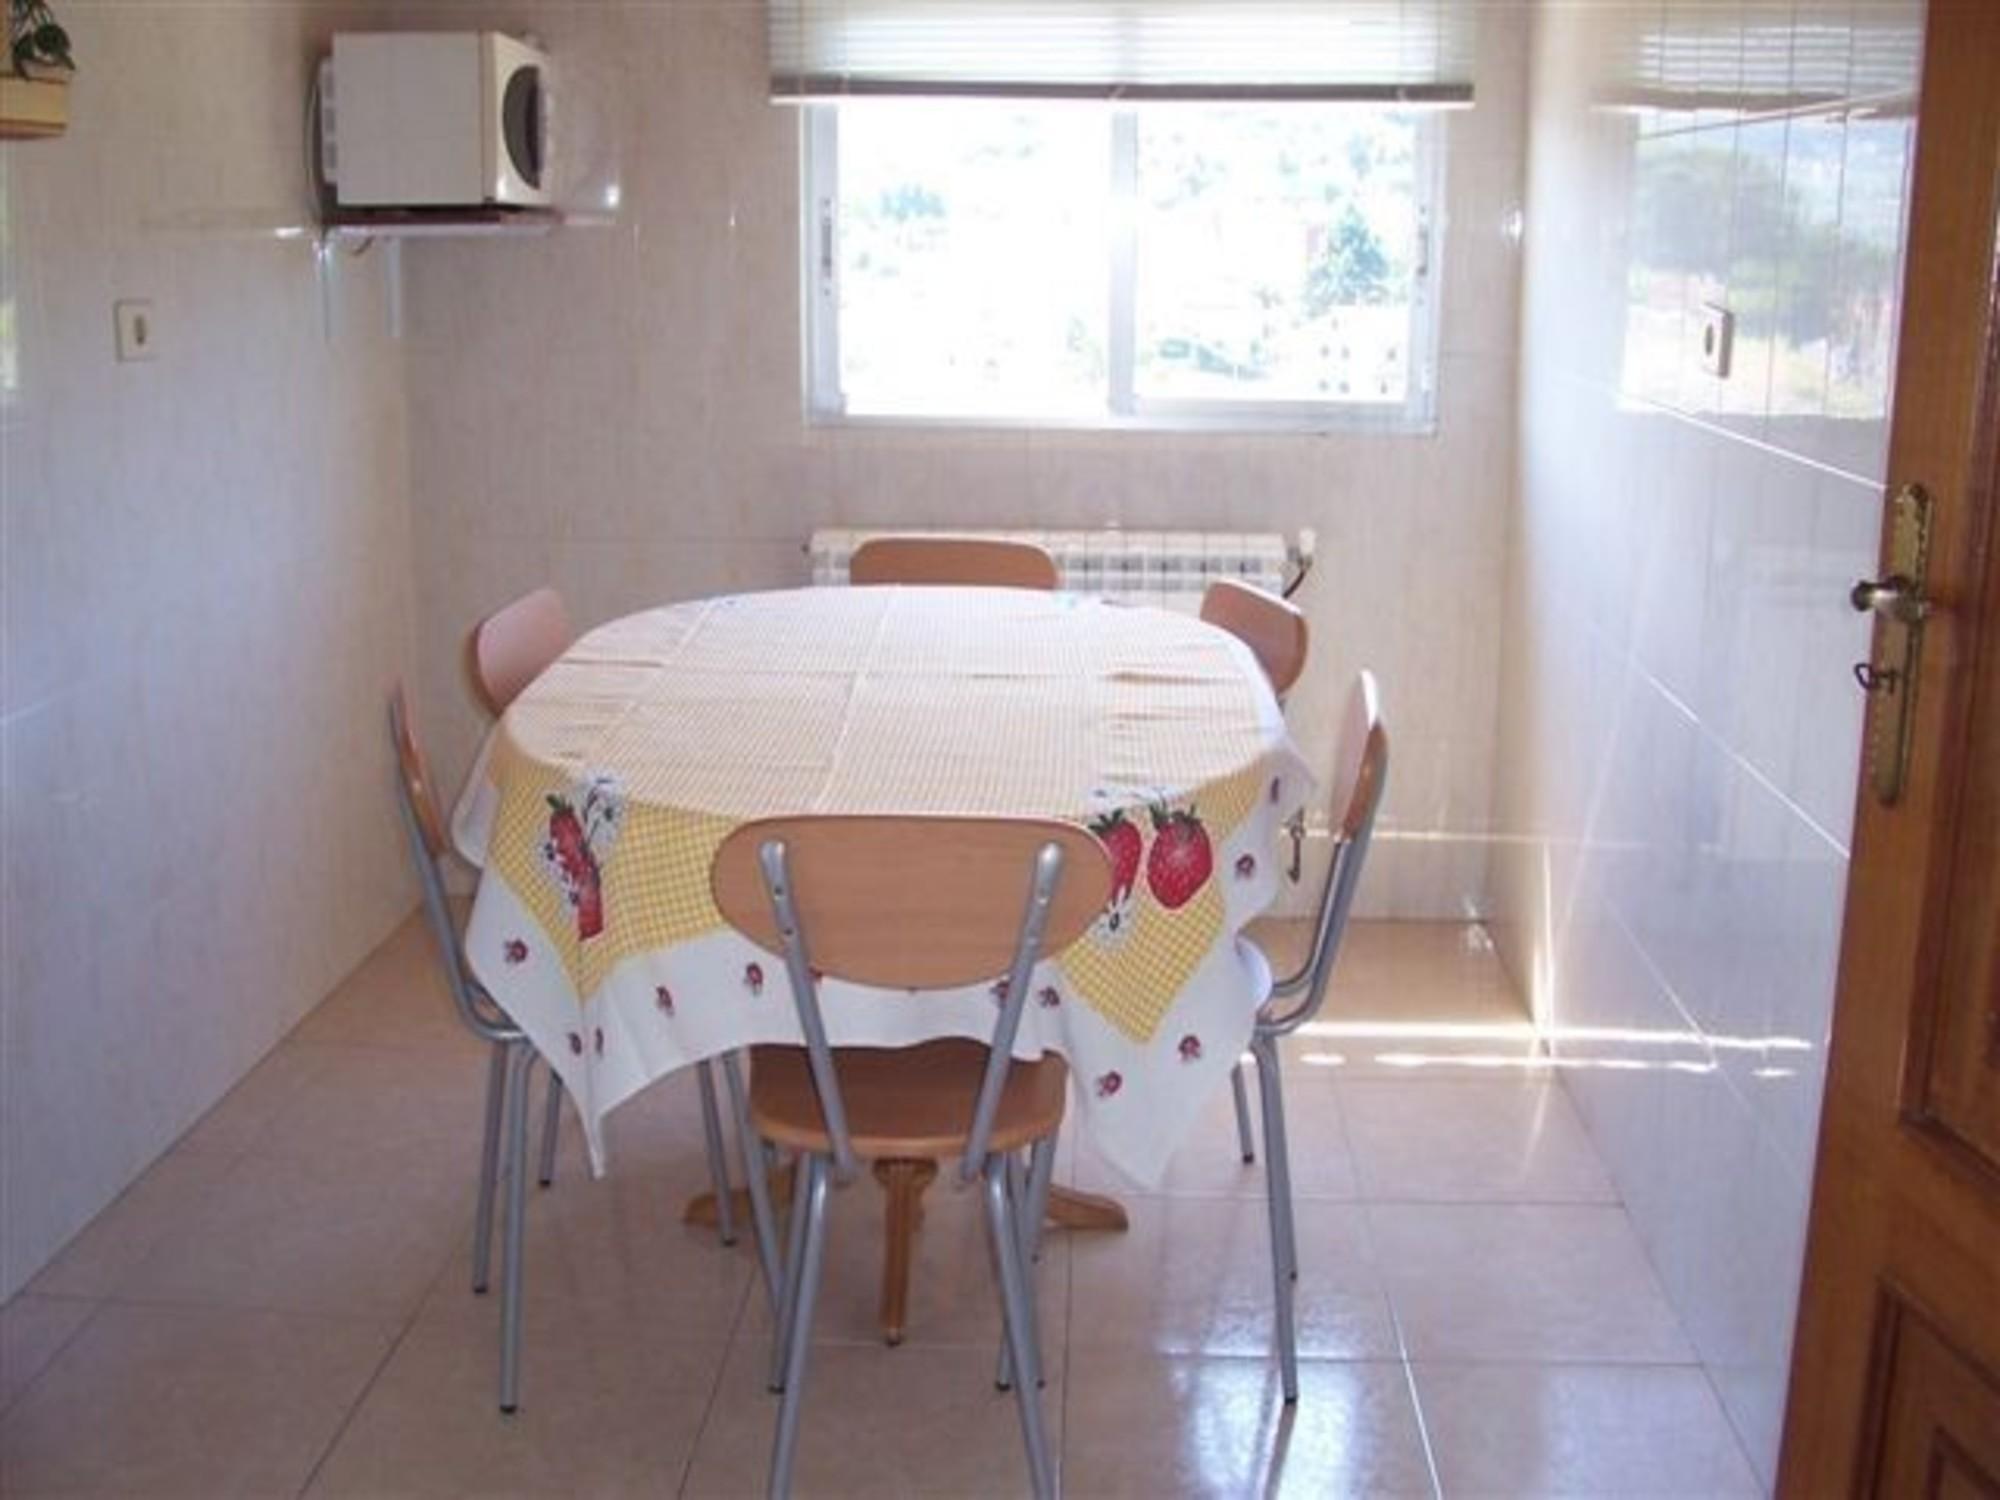 Ferienwohnung Apartment - 3 Bedrooms with WiFi - 100424 (1937594), Bueu, Rias Bajas, Galicien, Spanien, Bild 6